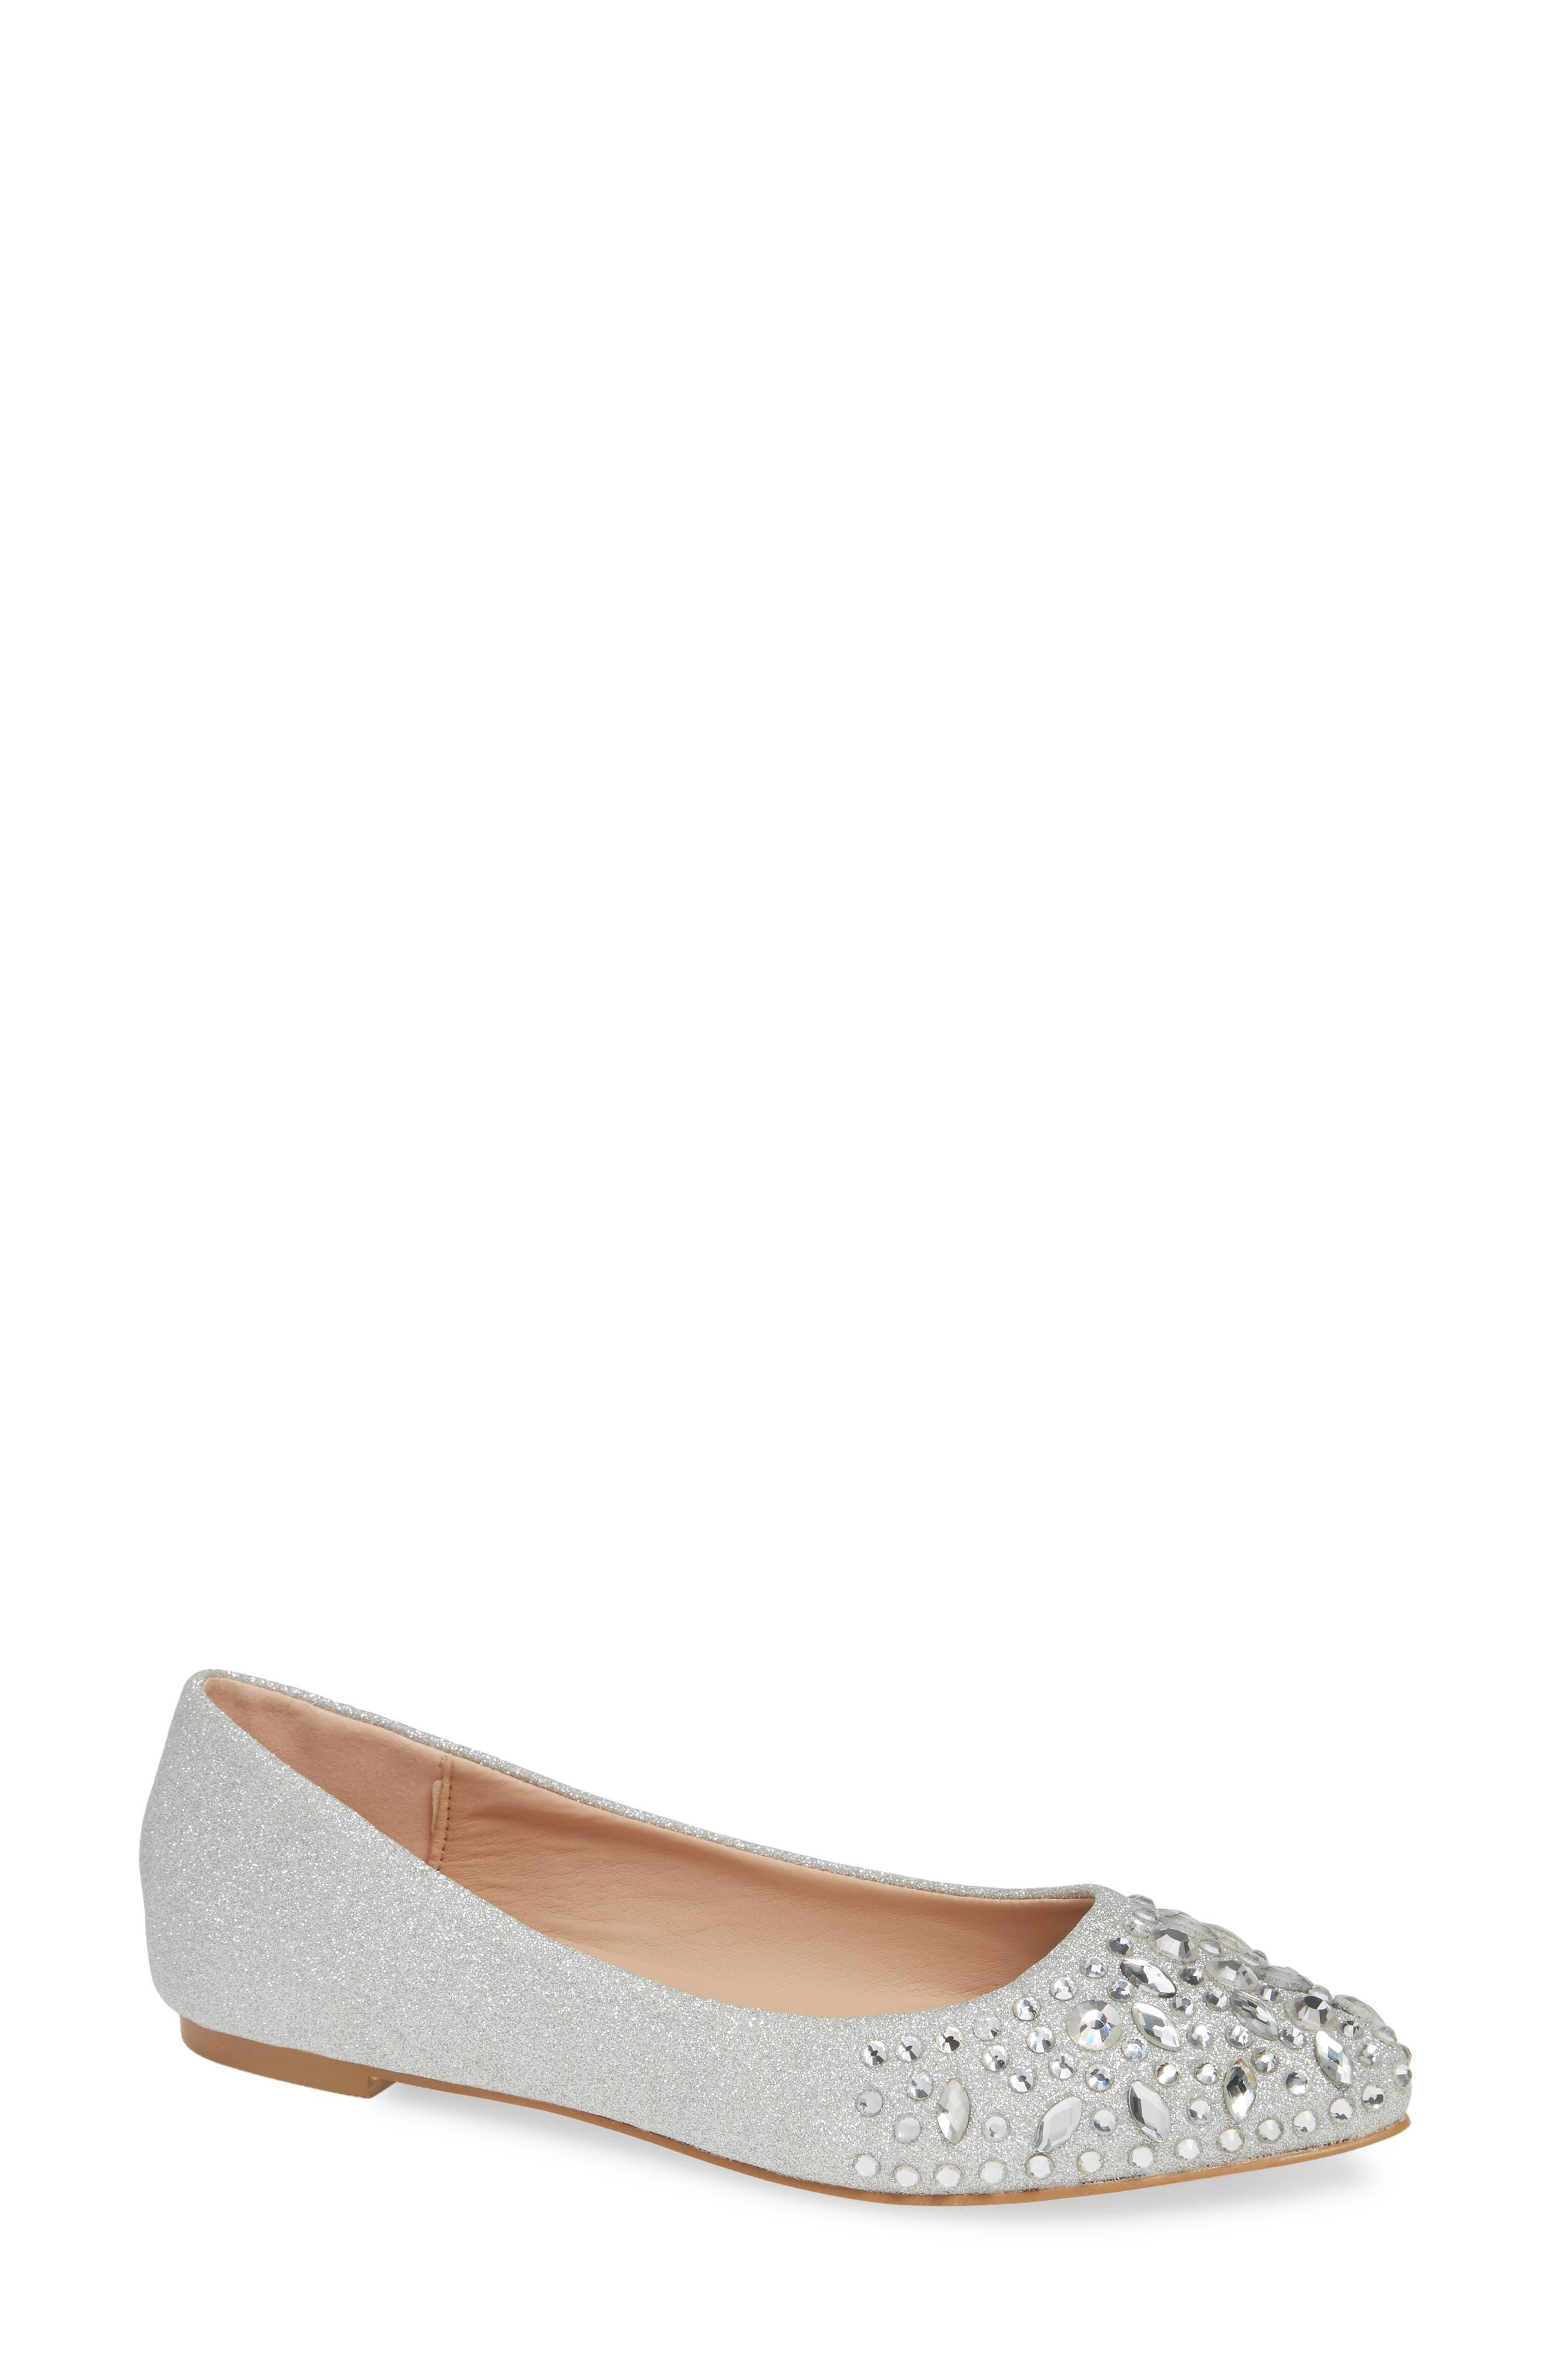 85a7a60c6754 Women s Lauren Lorraine Shoes